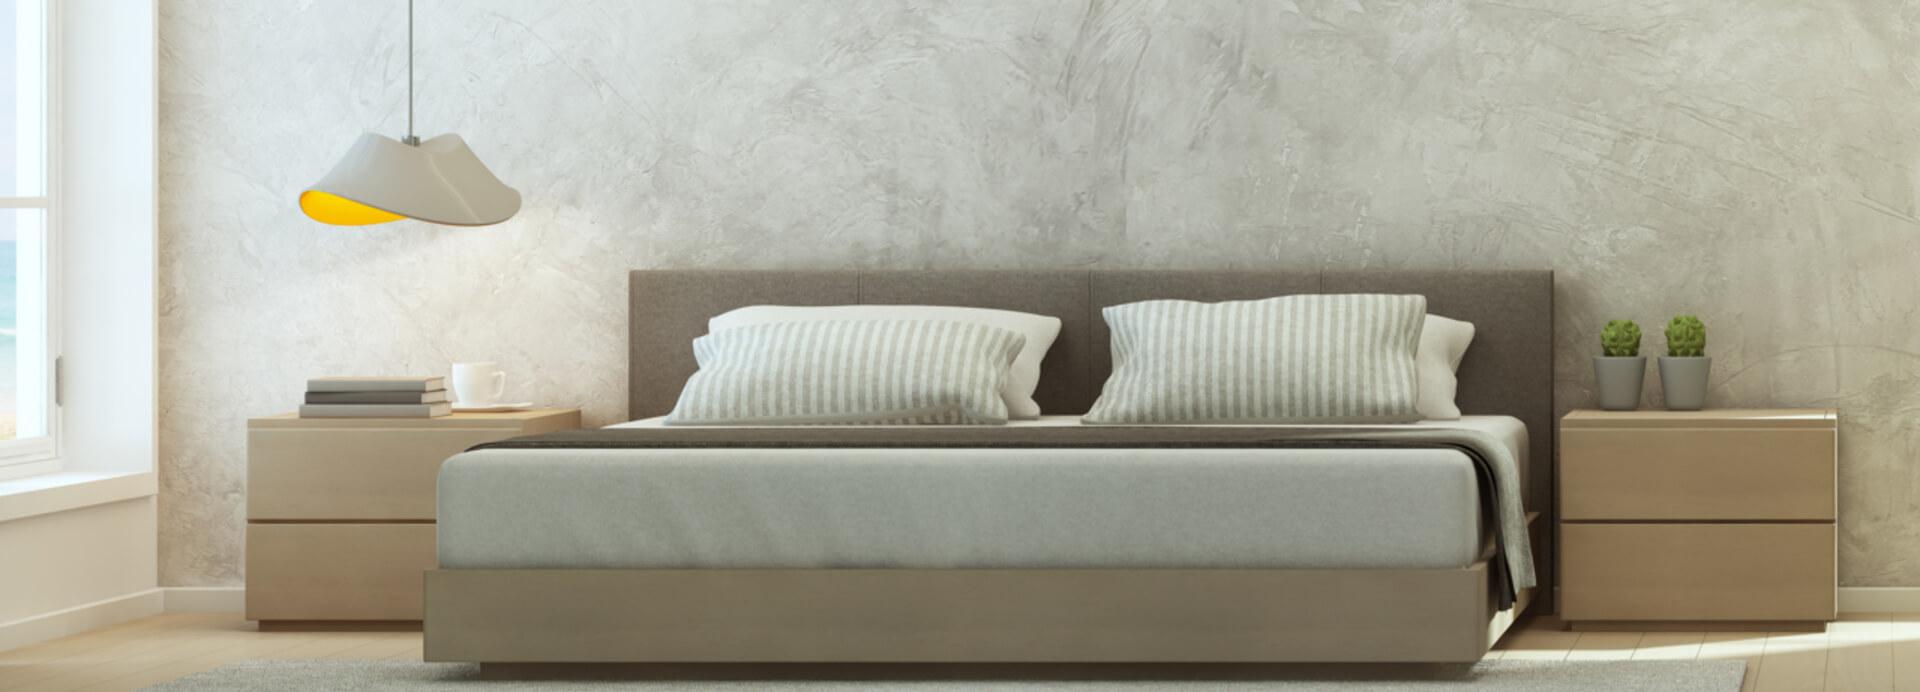 Idee per l\'illuminazione della camera da letto